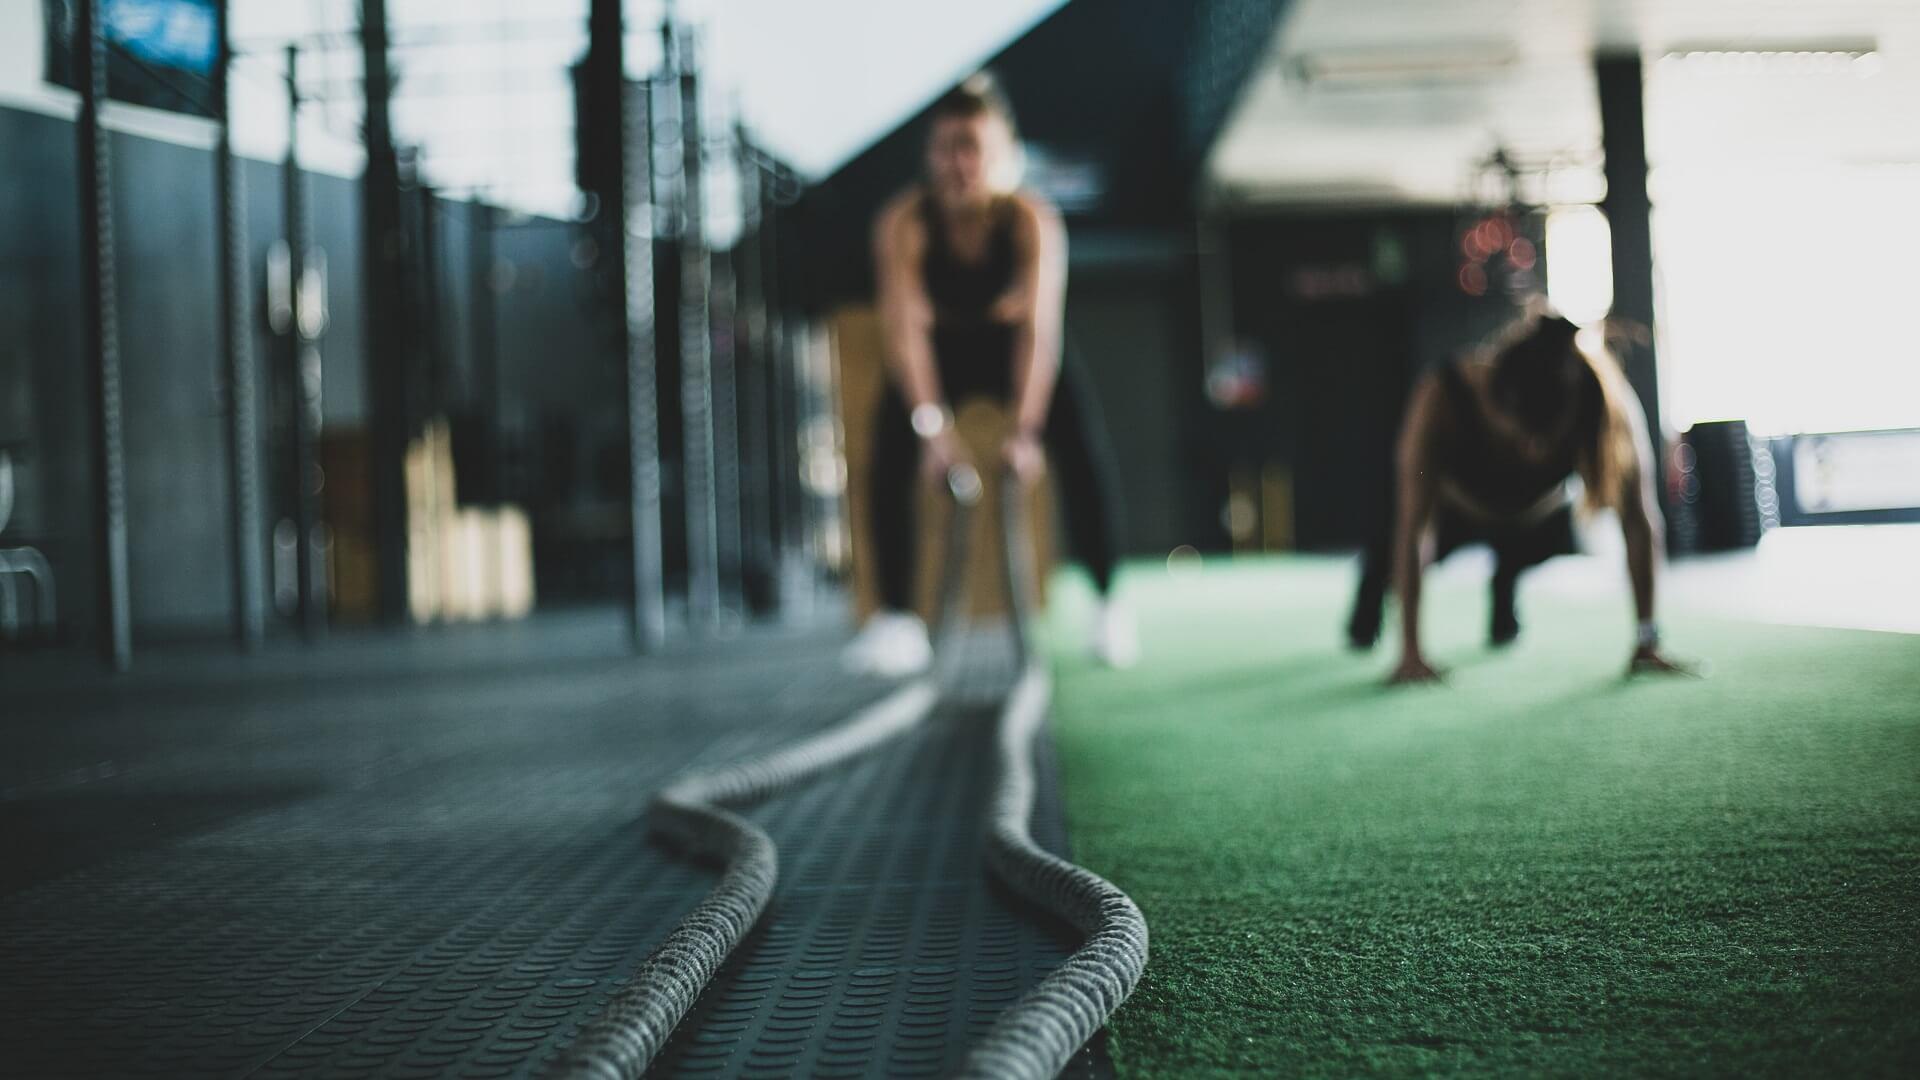 Как тренироваться, чтобы достичь результата: Советы фитнес-эксперта-Фото 2